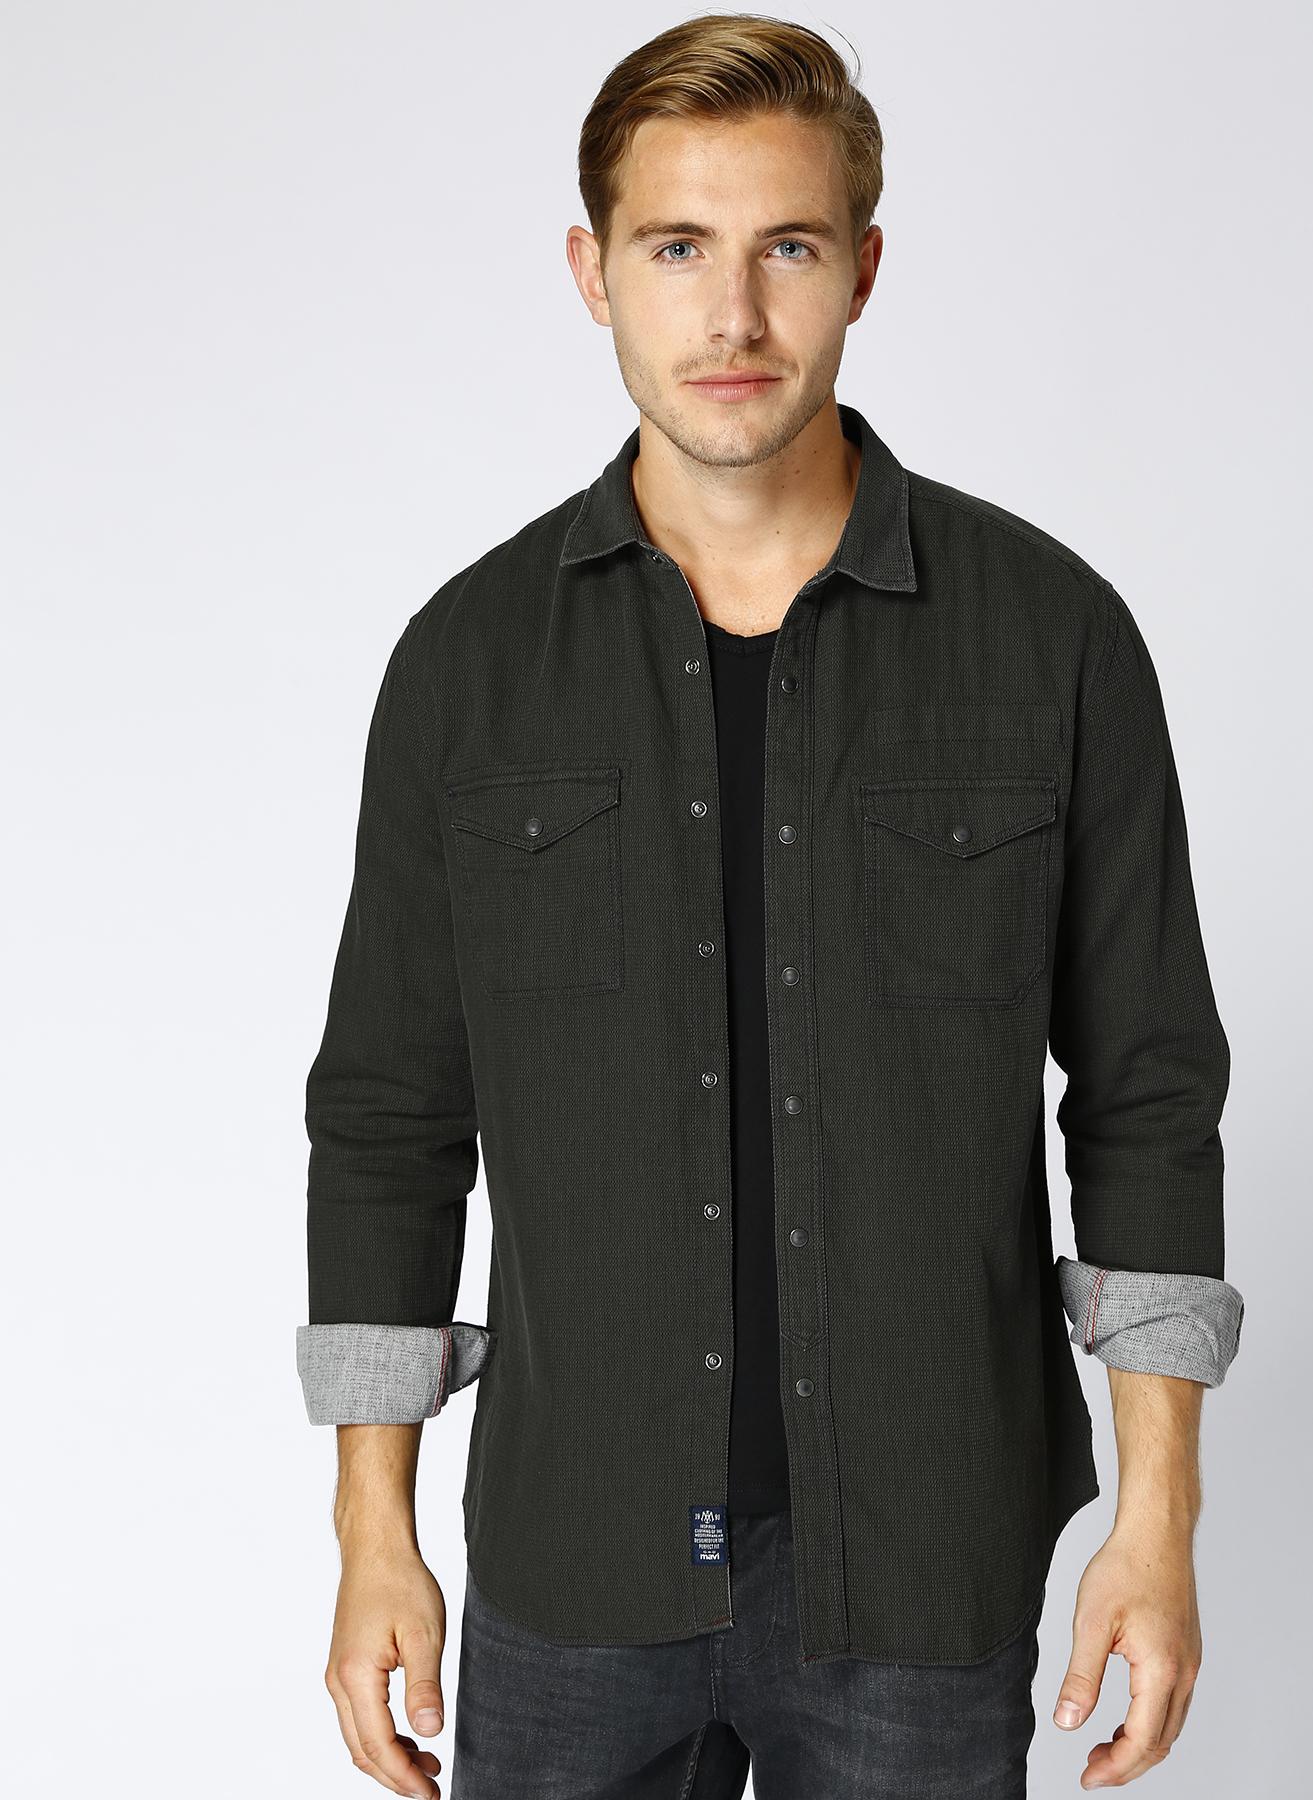 Mavi Cep Detaylı Gömlek L 5001634391001 Ürün Resmi